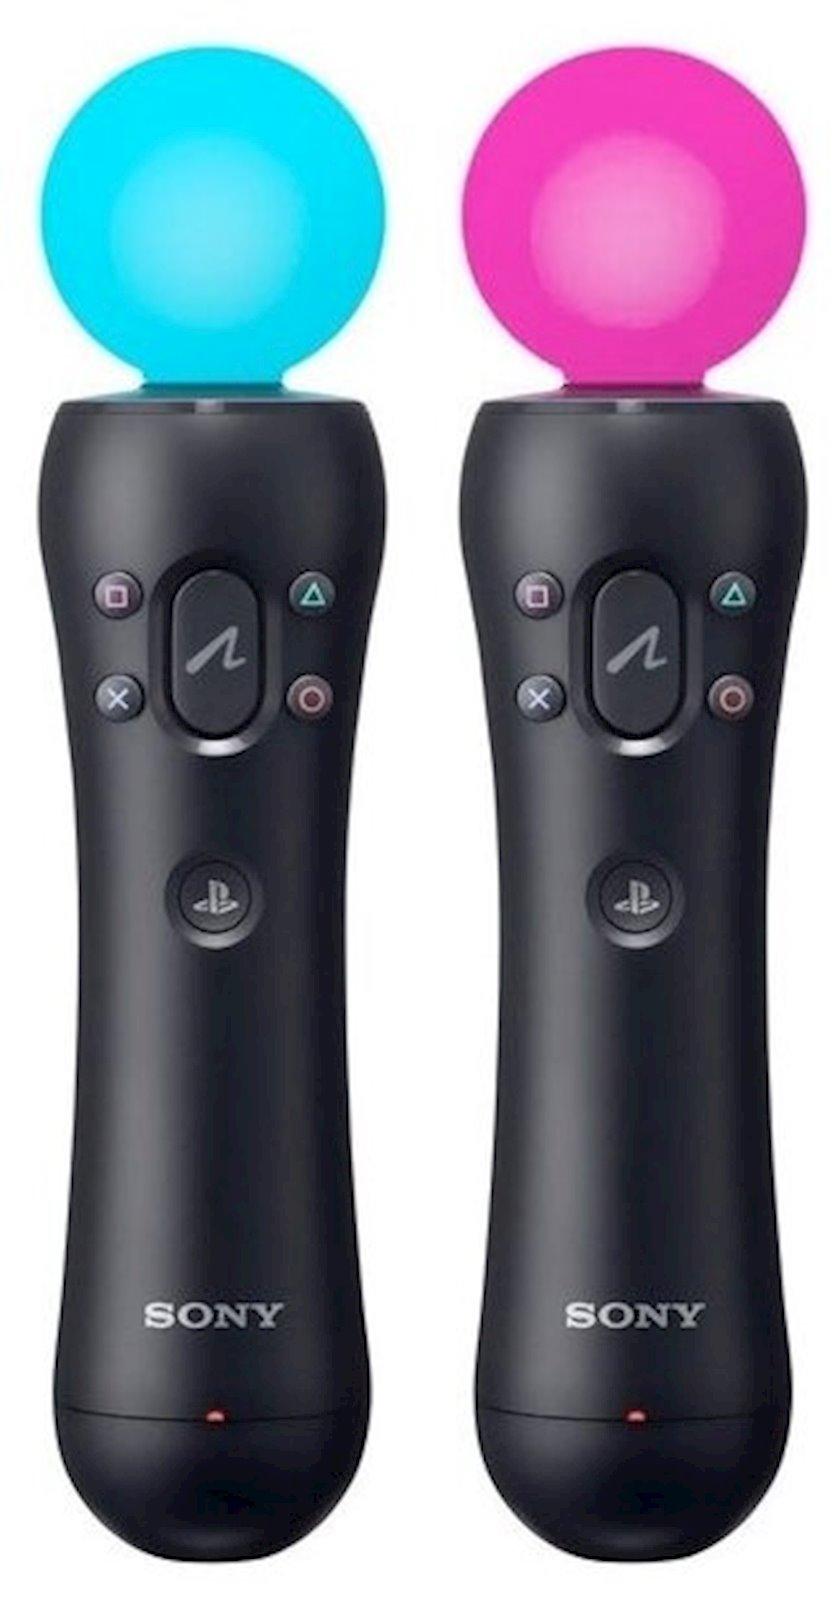 Hərəkət sensoru Sony Move Motion Controllers Two Pack